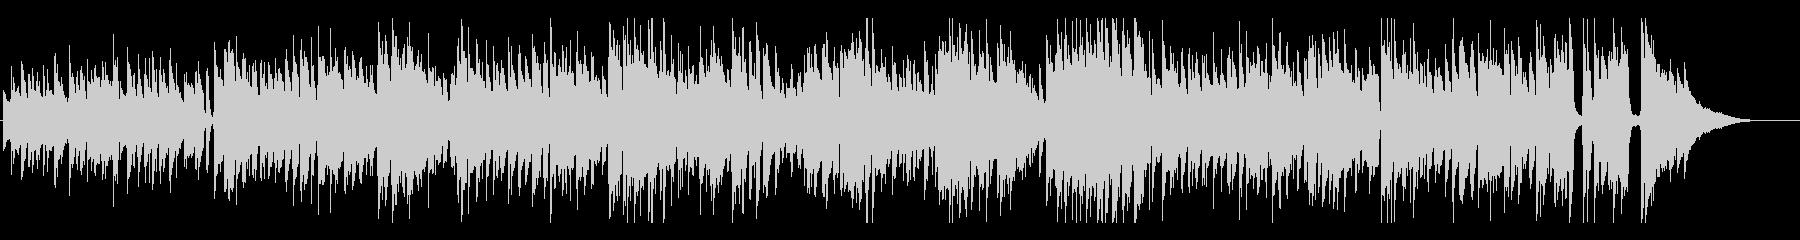 生録音アコギの軽快なボサノヴァの未再生の波形